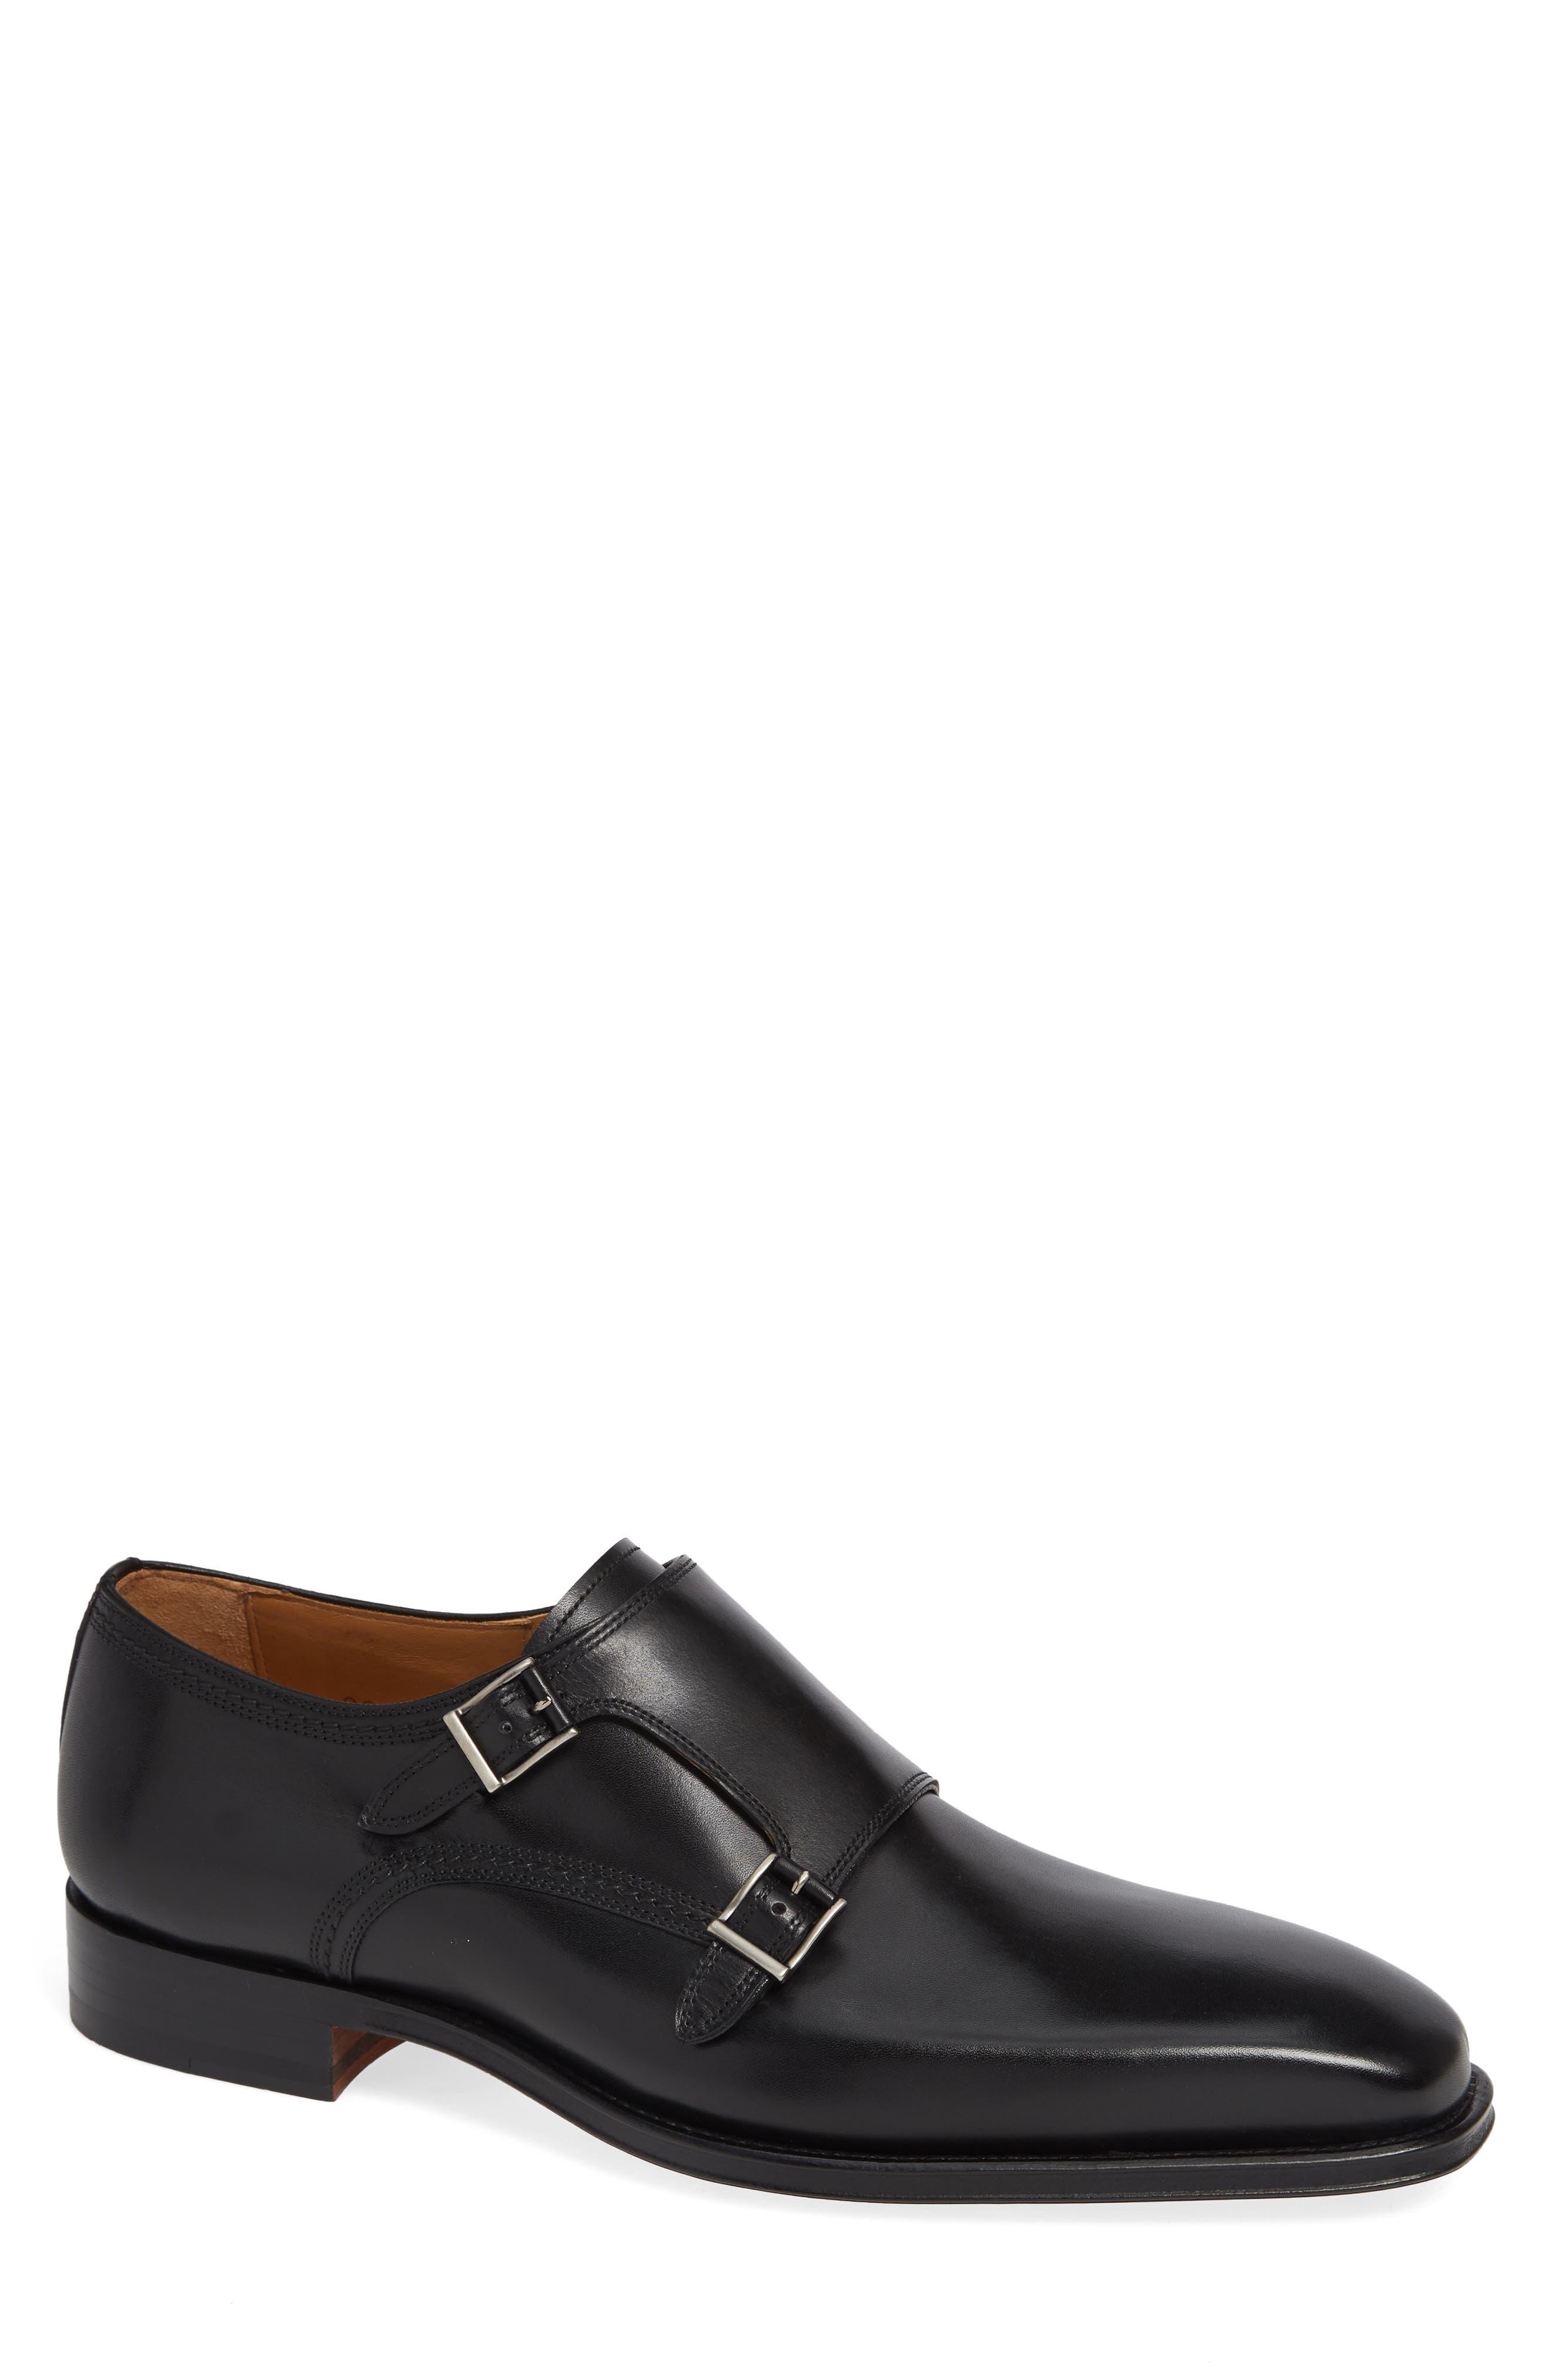 Landon Double Strap Monk Shoe,                             Main thumbnail 1, color,                             BLACK LEATHER